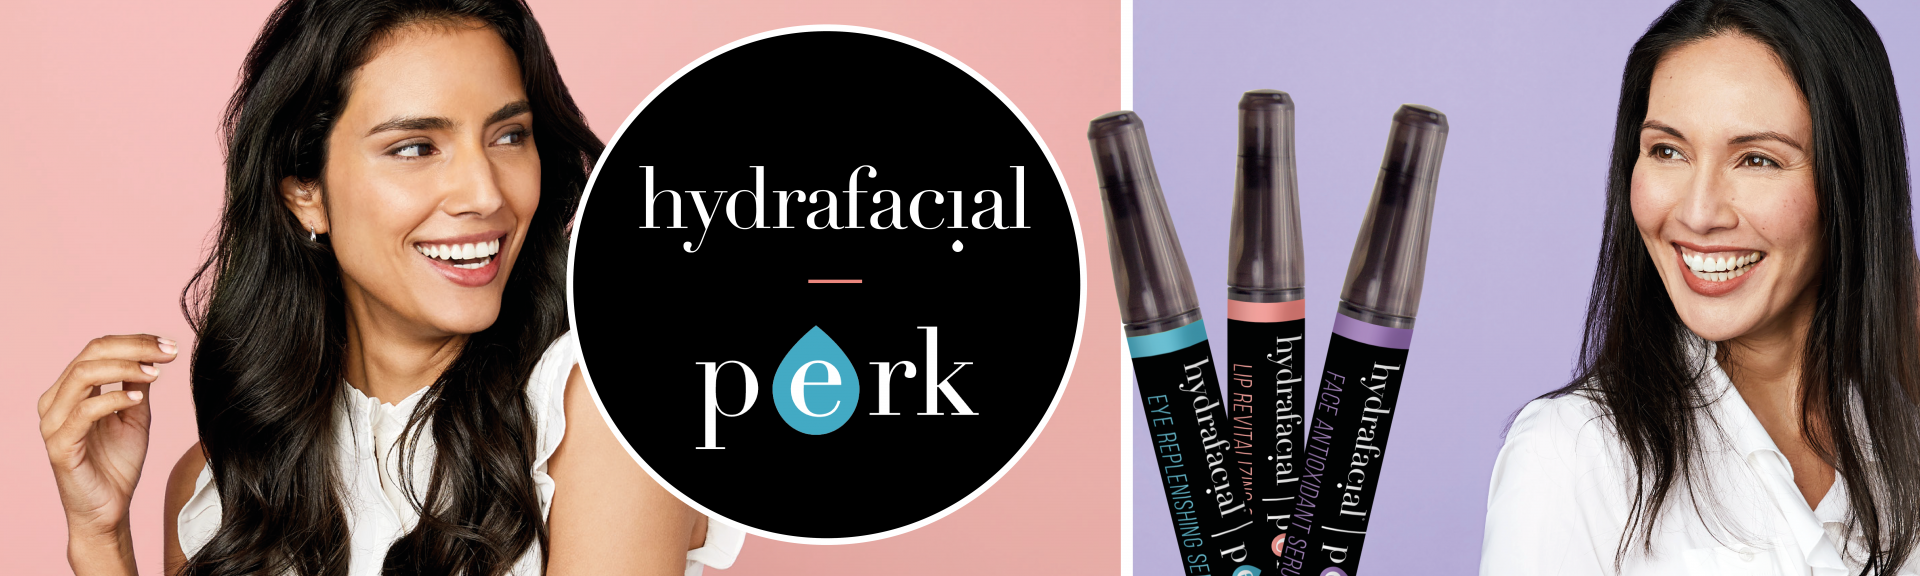 HydraFacial Perk